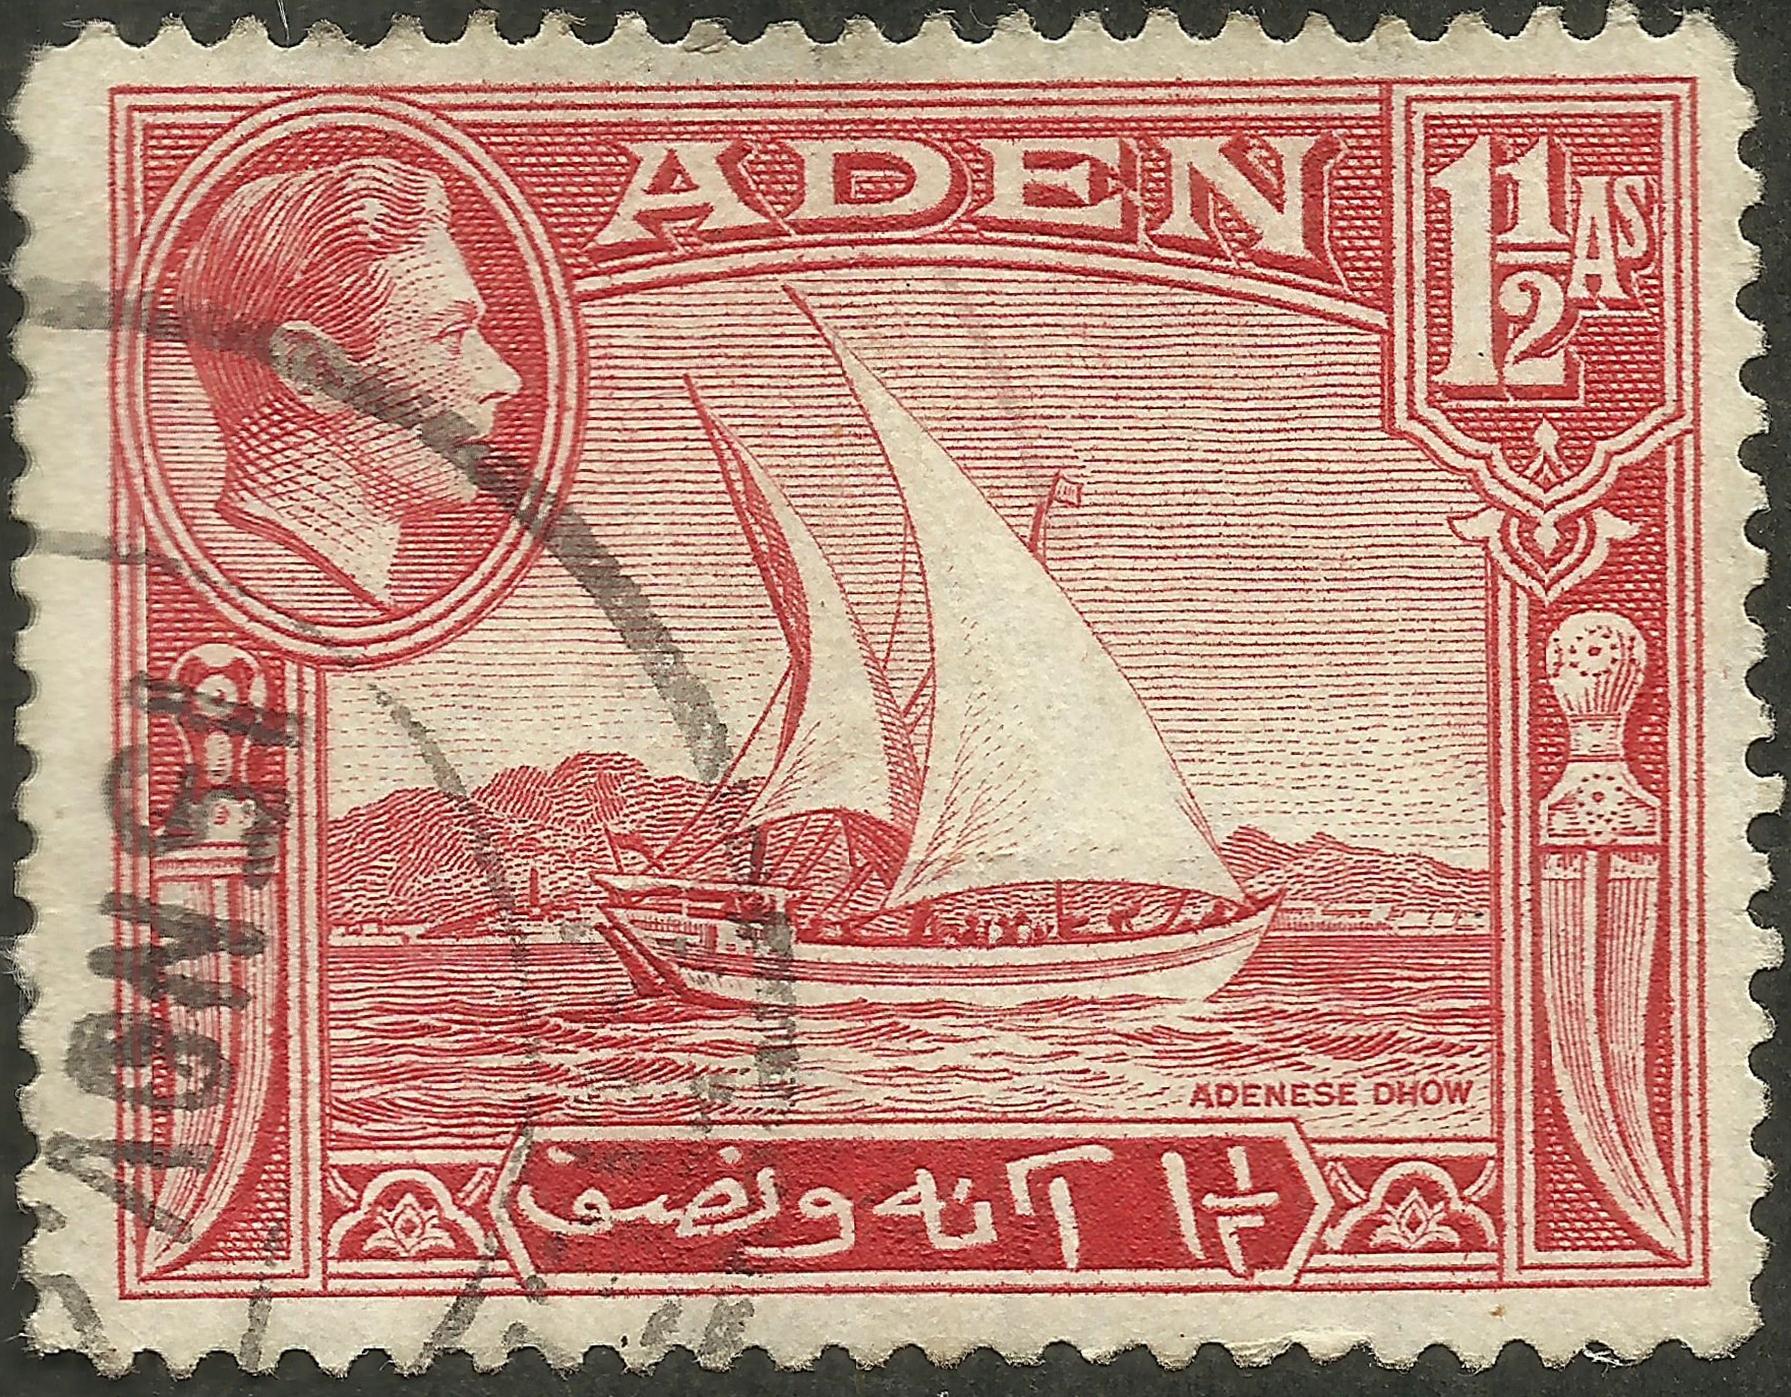 Aden - Scott #19 (1939)